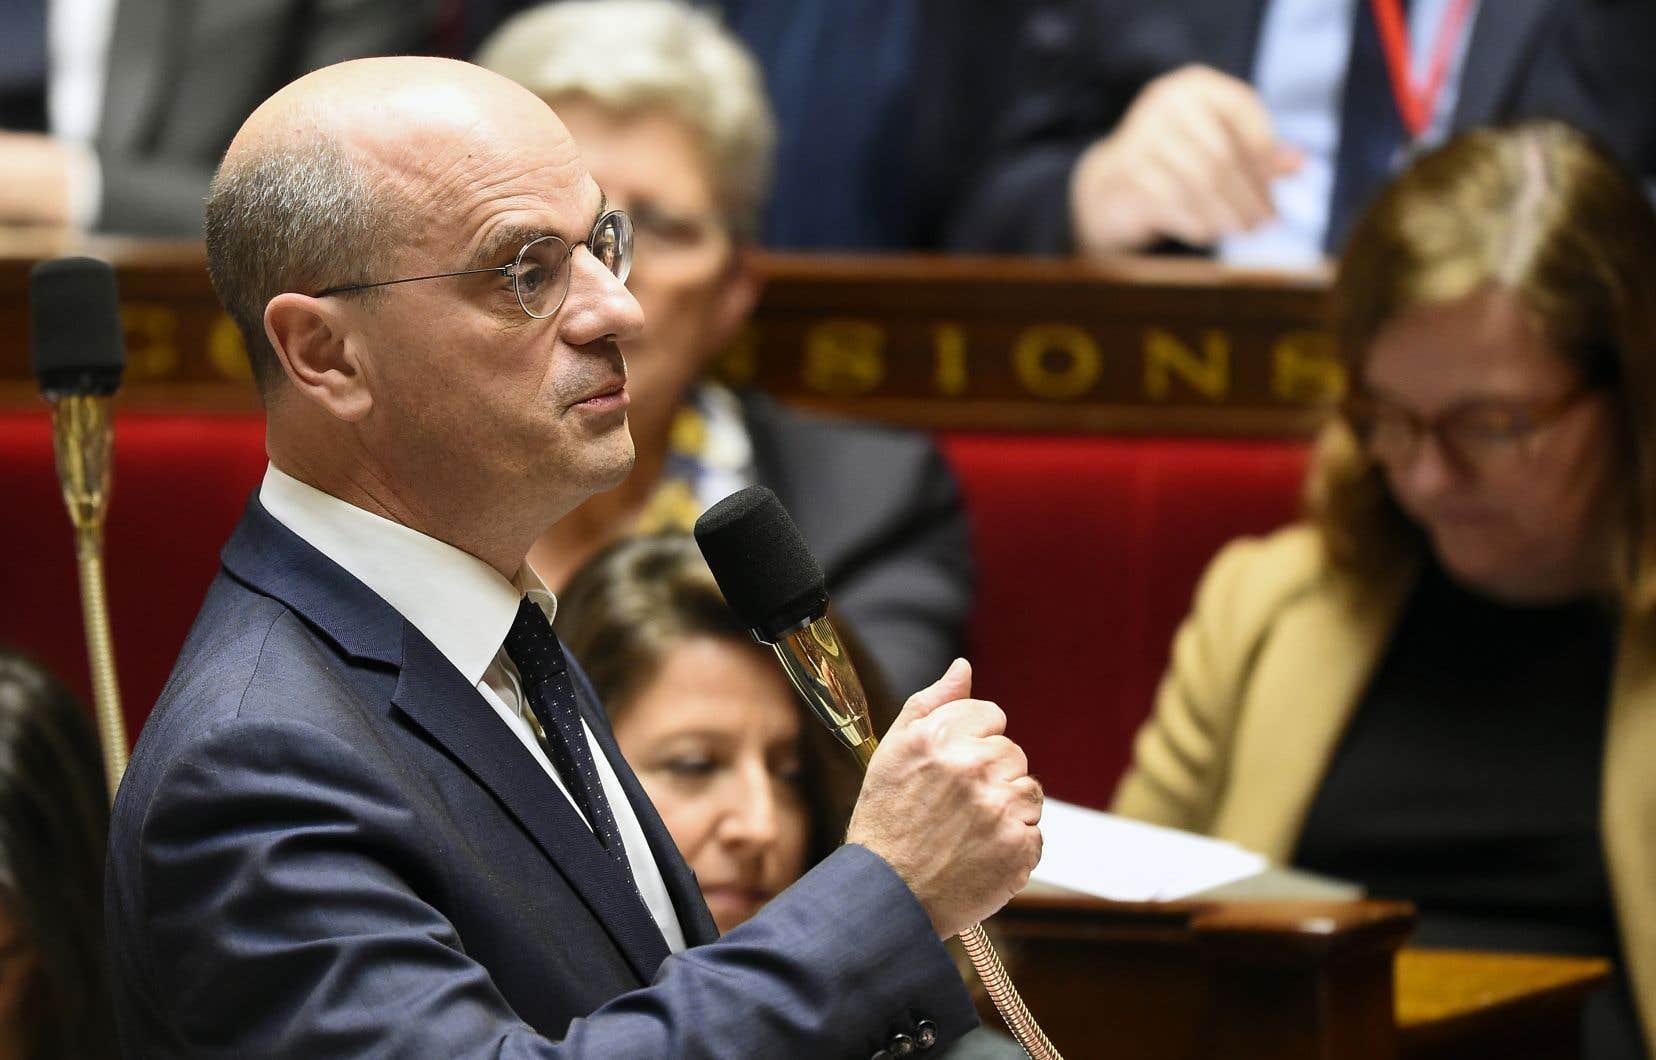 Le ministre Jean-Michel Blanquer veut éviter de se faire étiqueter conservateur ou progressiste.